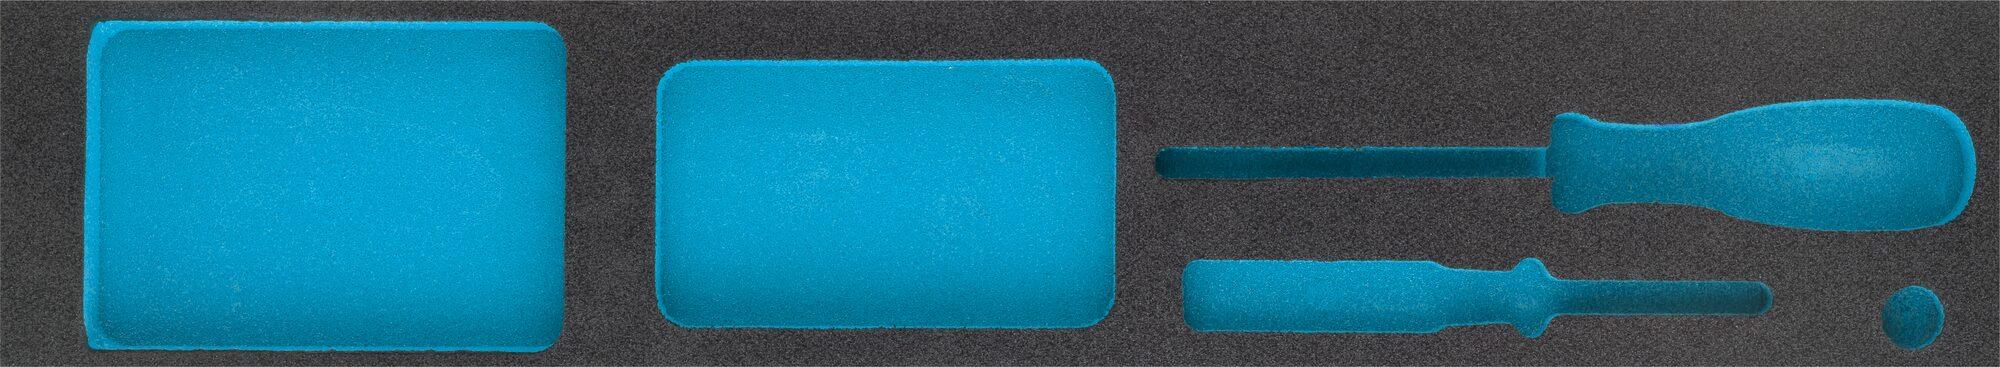 HAZET 2-Komponenten Weichschaum-Einlage 163-455L